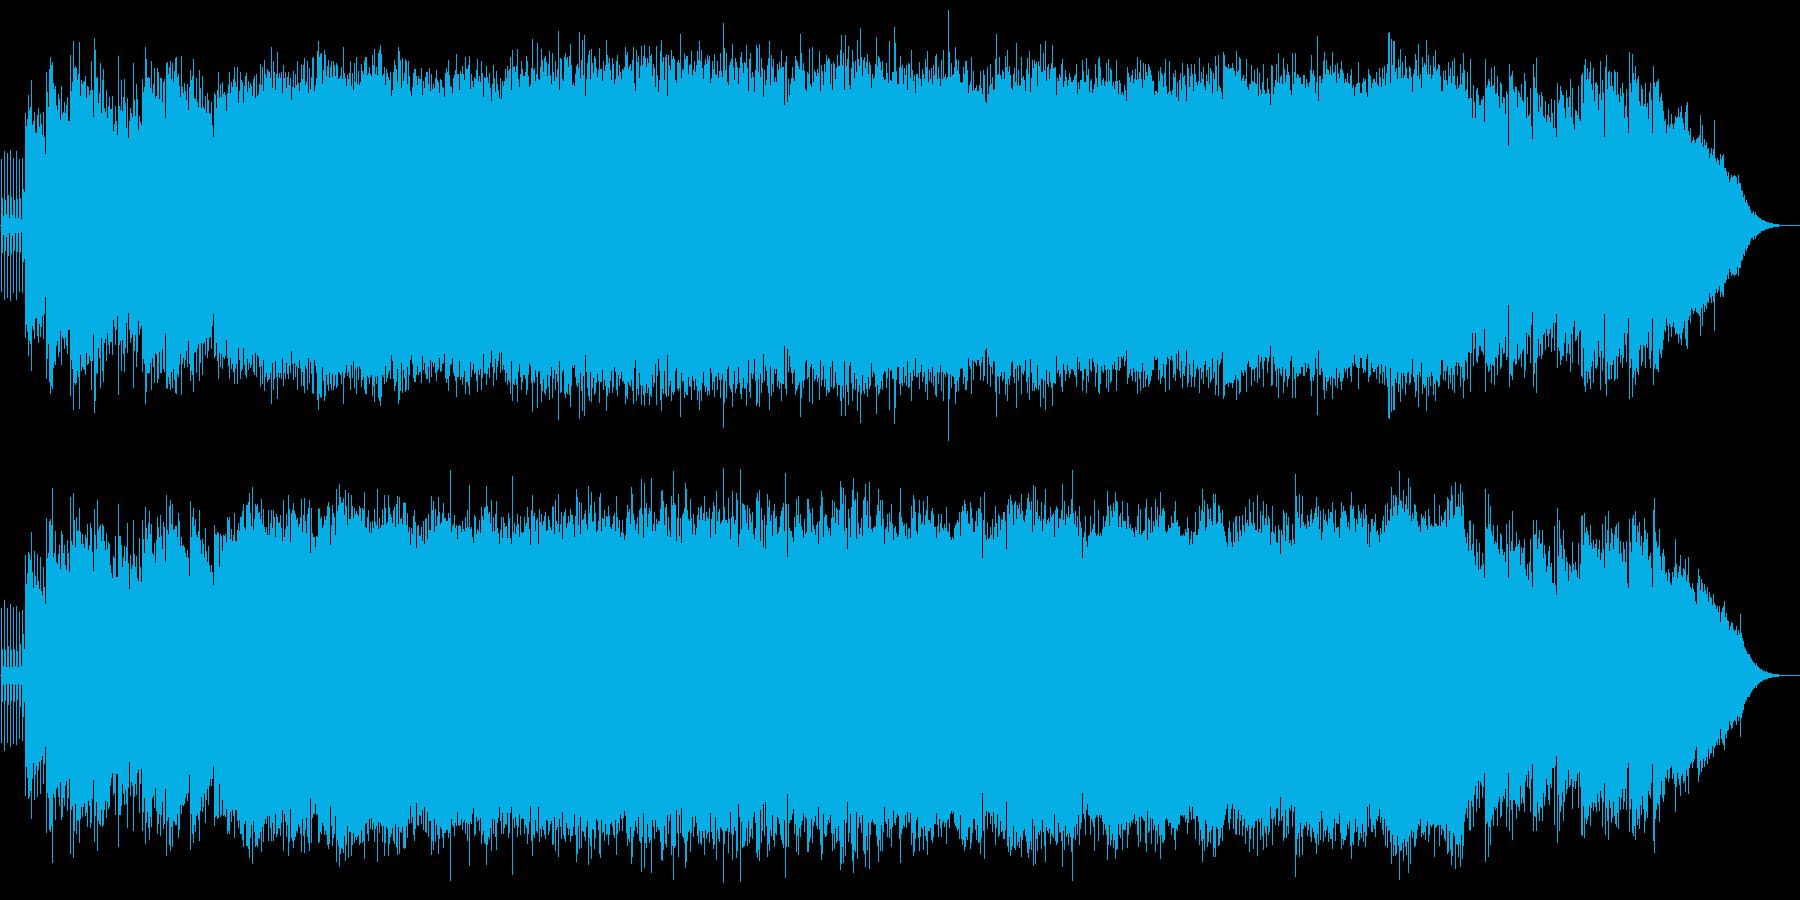 ノイズ系ロックの明るいシューゲイザーの再生済みの波形